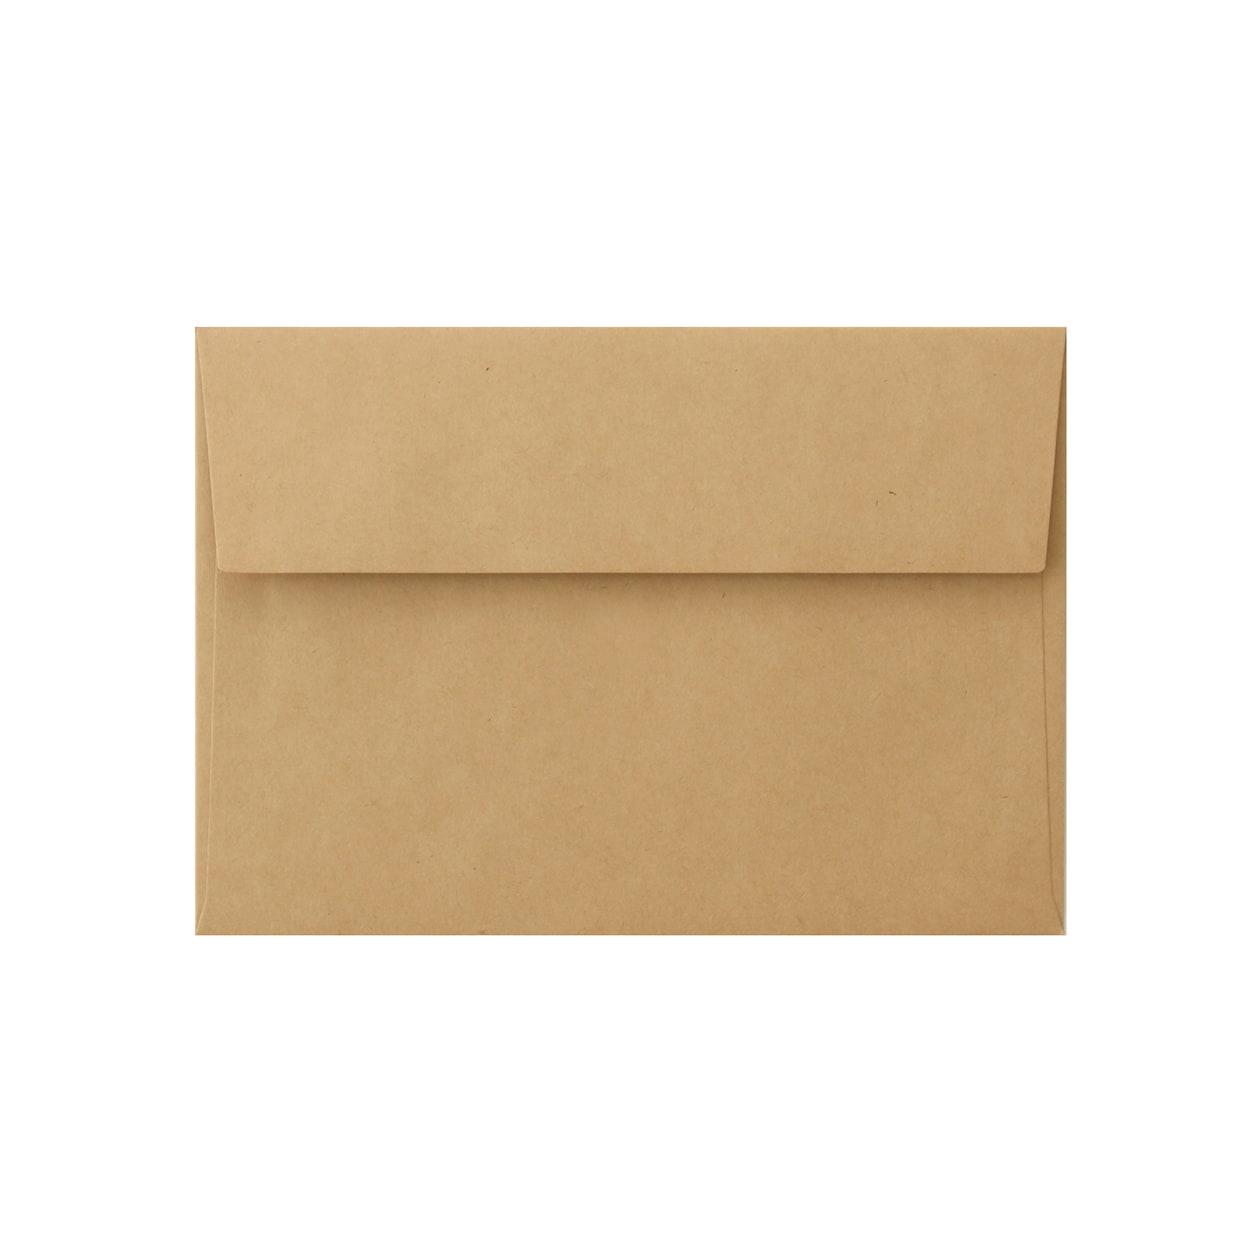 洋2カマス封筒 未晒クラフト 100g